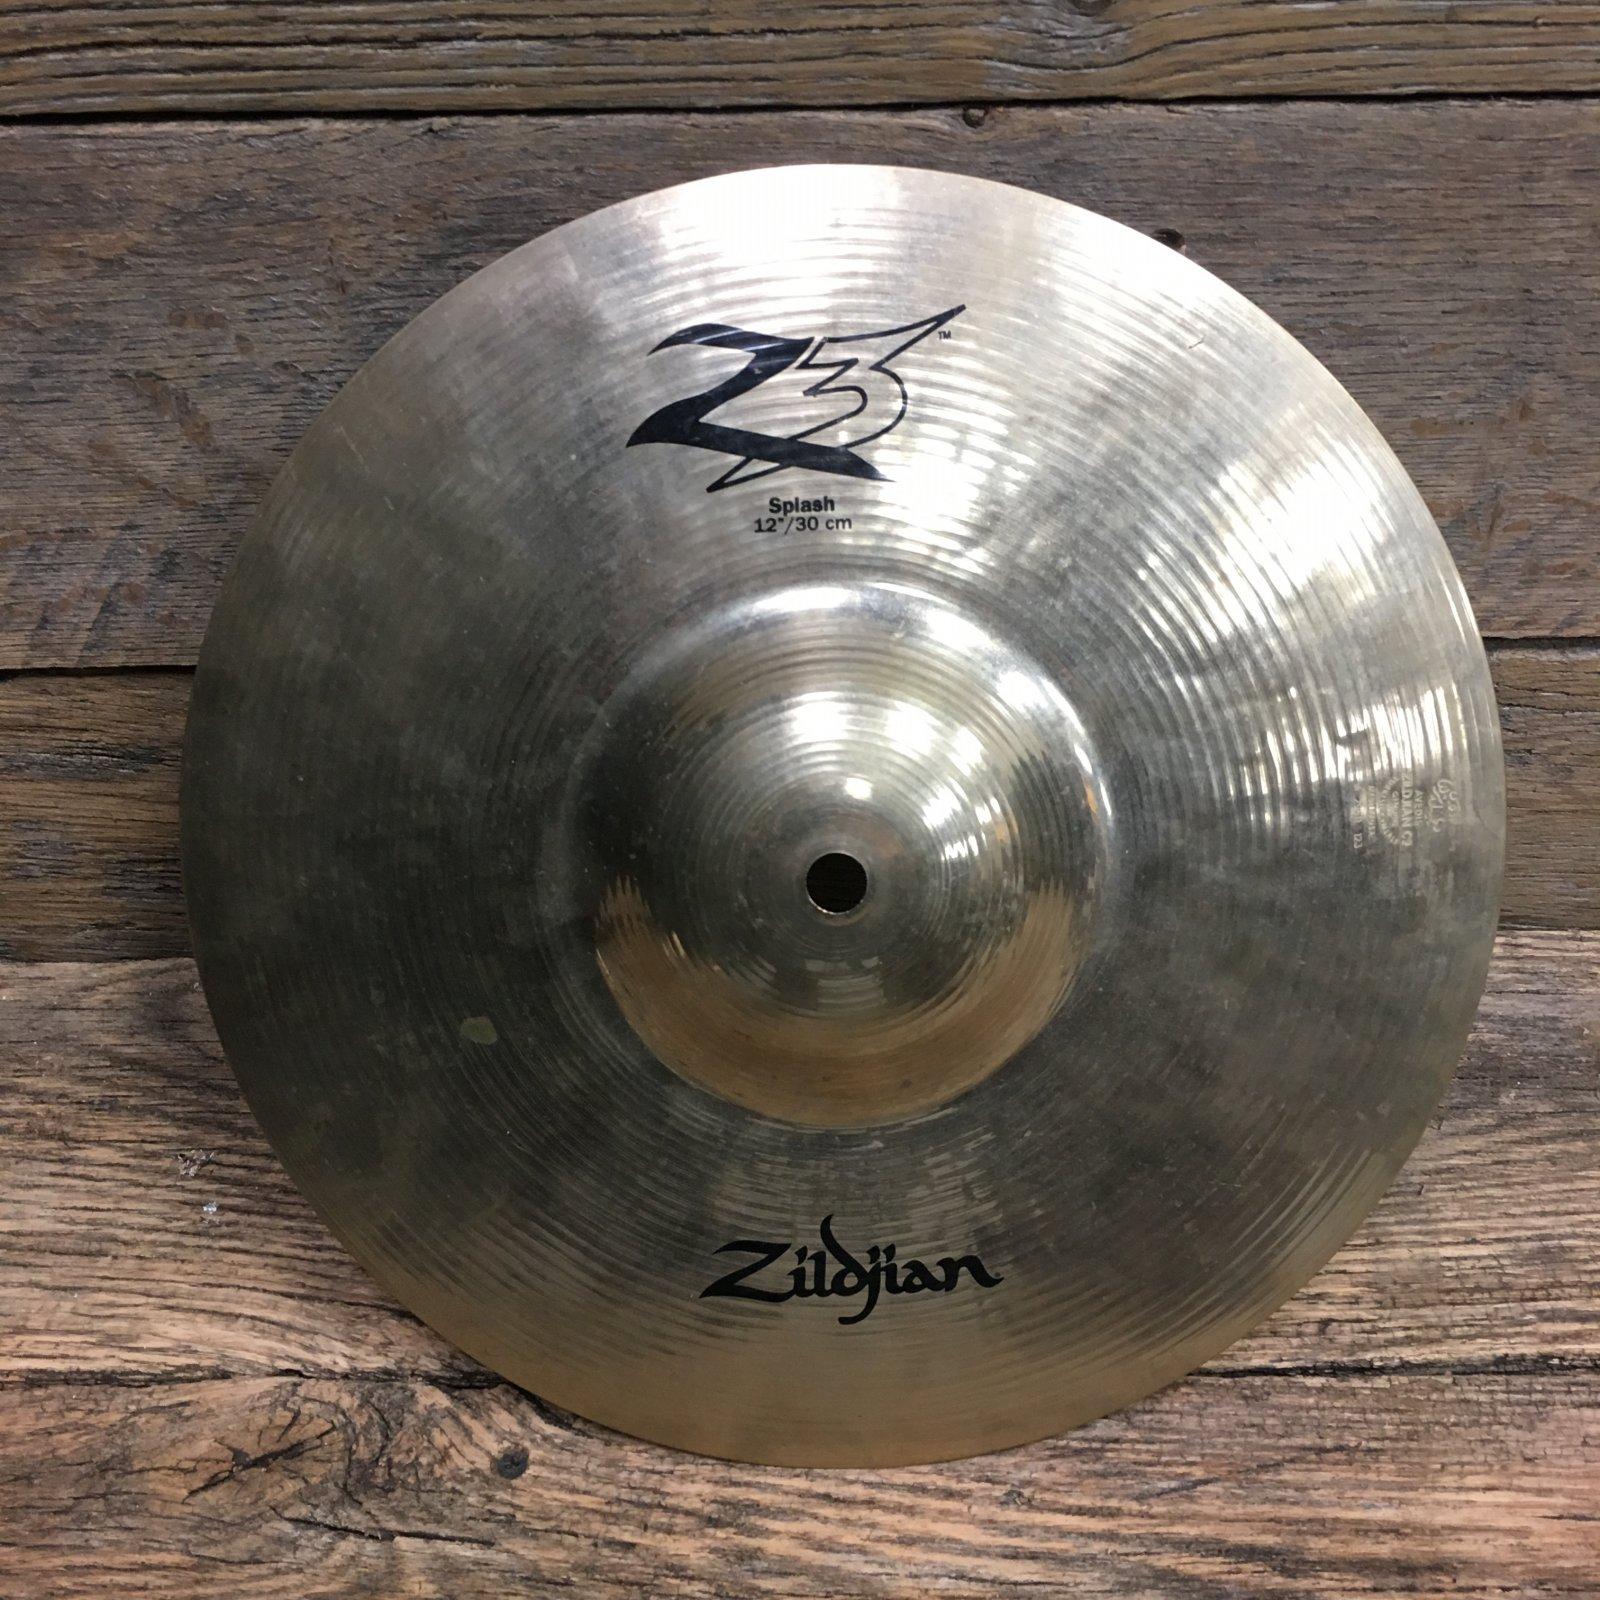 Used Zildjian Z3 12 Splash